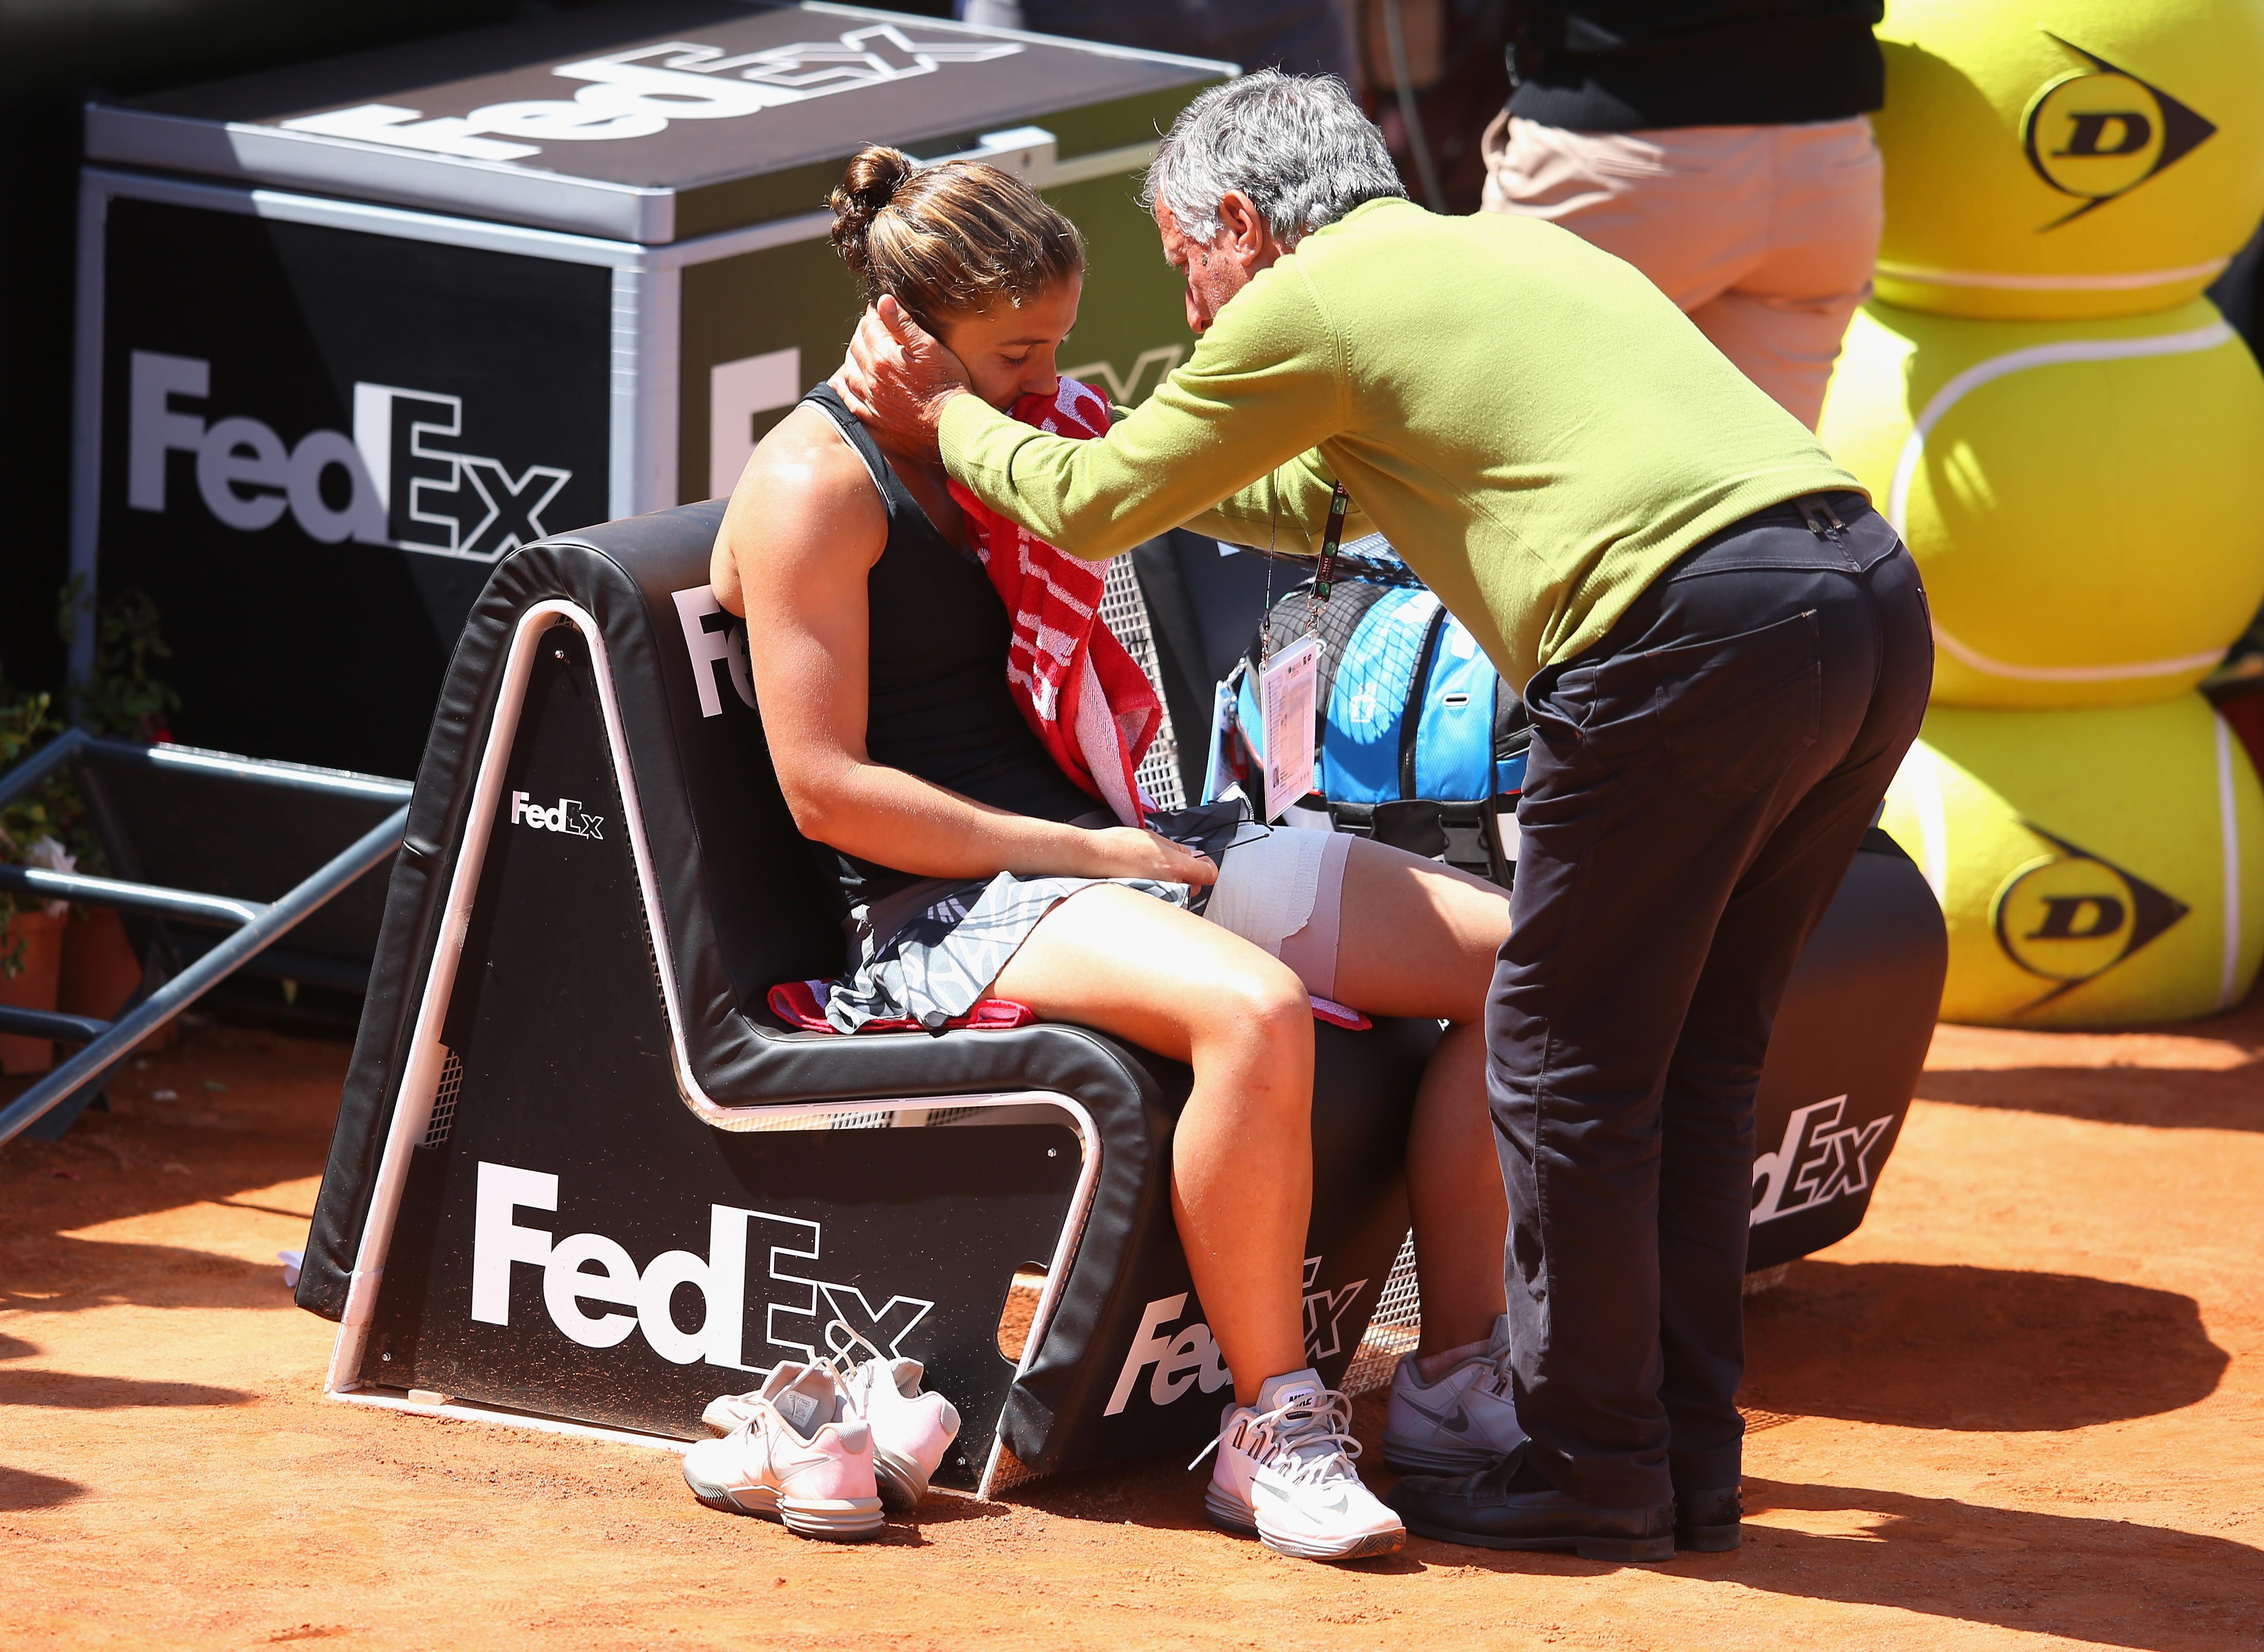 Quella del 2014 è stata l'edizione di Sara Errani anche se è mancato l'happy end della conquista del titolo. A metà del primo set della finale si è infatti infortunata alla coscia sinistra. La vittoria è andata a Serena Williams.